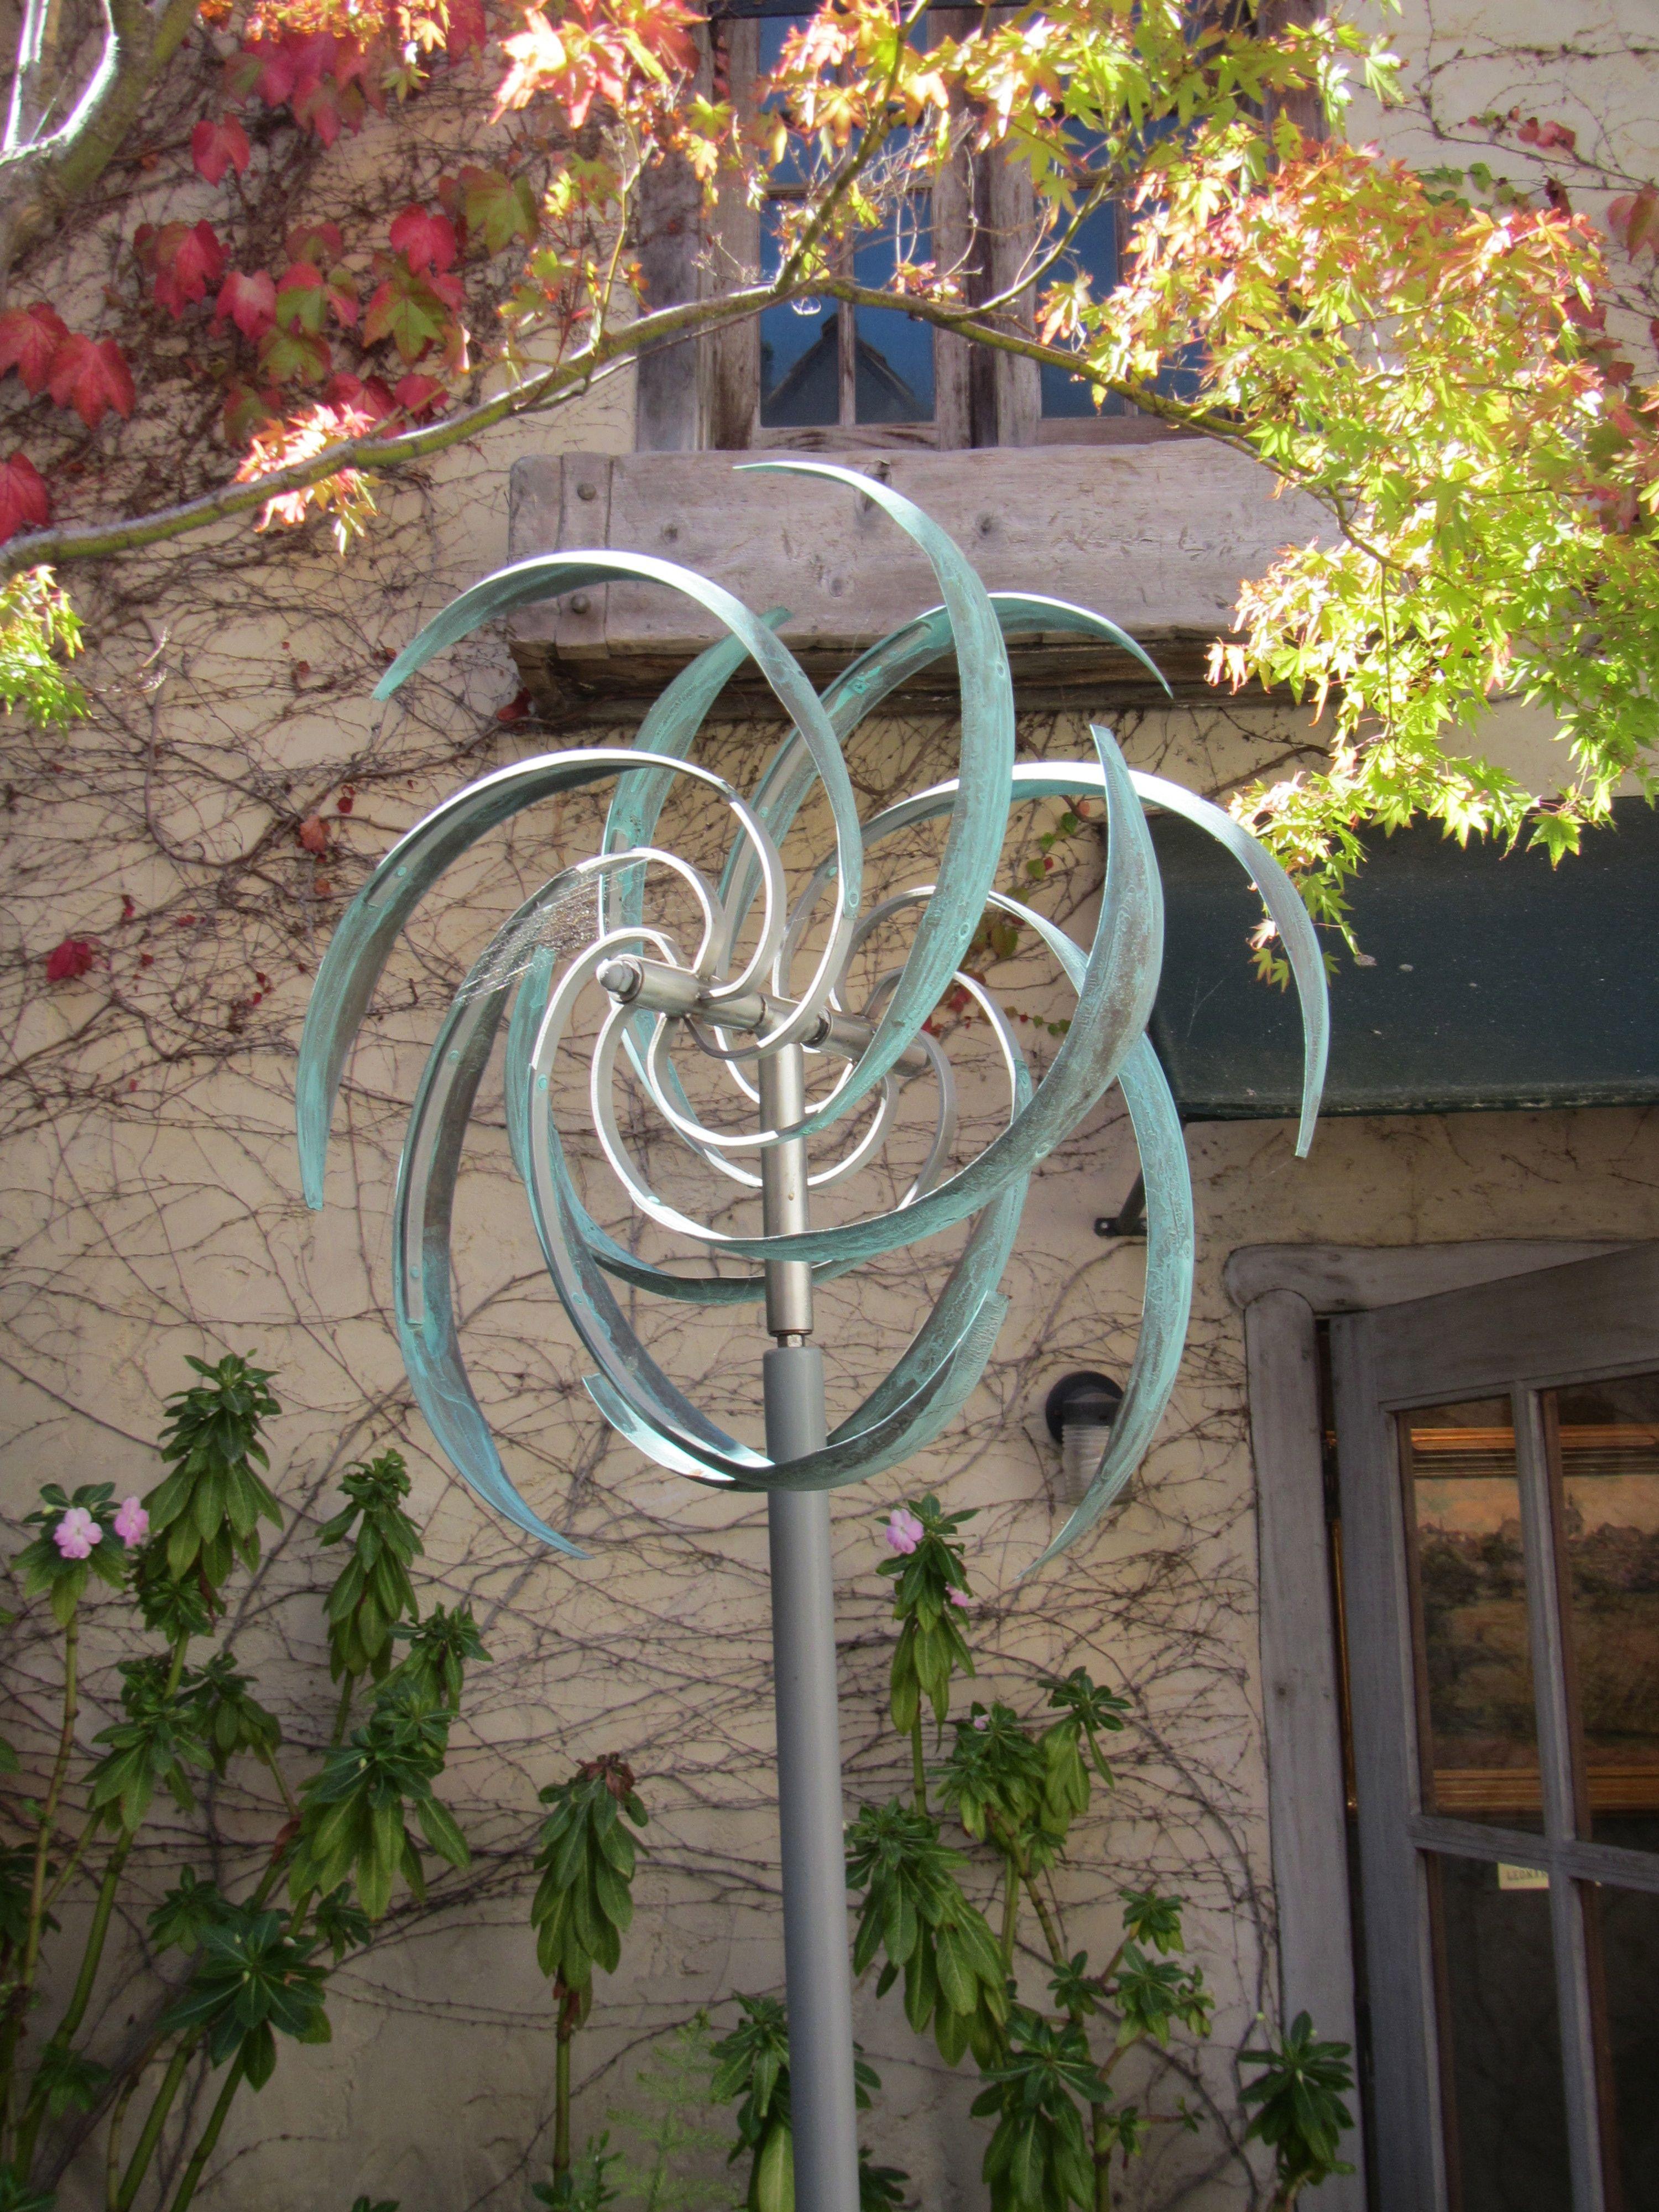 Whirligig Metal Sculpture Garden Art Wind Sculptures